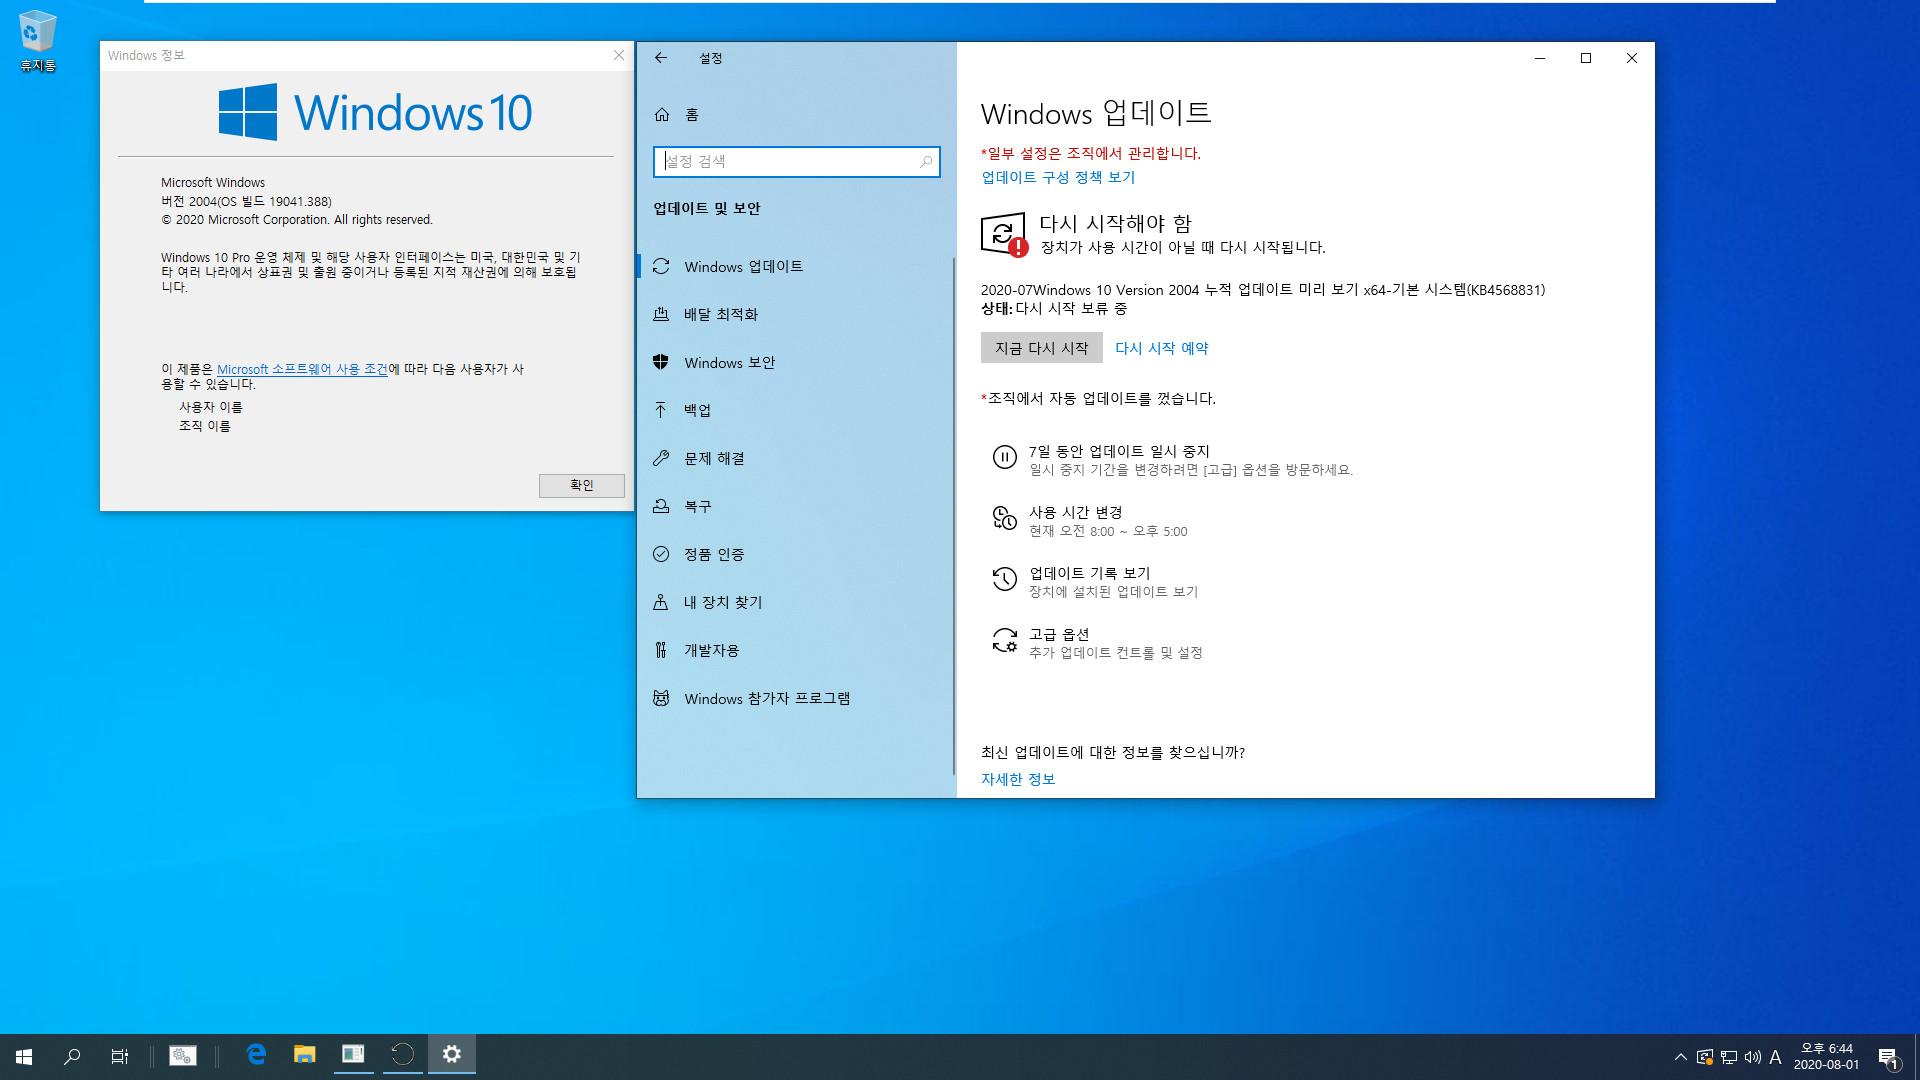 Windows 10 버전 2004, 19041.423빌드 누적 업데이트 KB4568831 나왔네요 - 자동 업데이트(정식 업데이트)가 아니라 선택적 업데이트(프리뷰)에만 나왔습니다 2020-08-01_184459.jpg